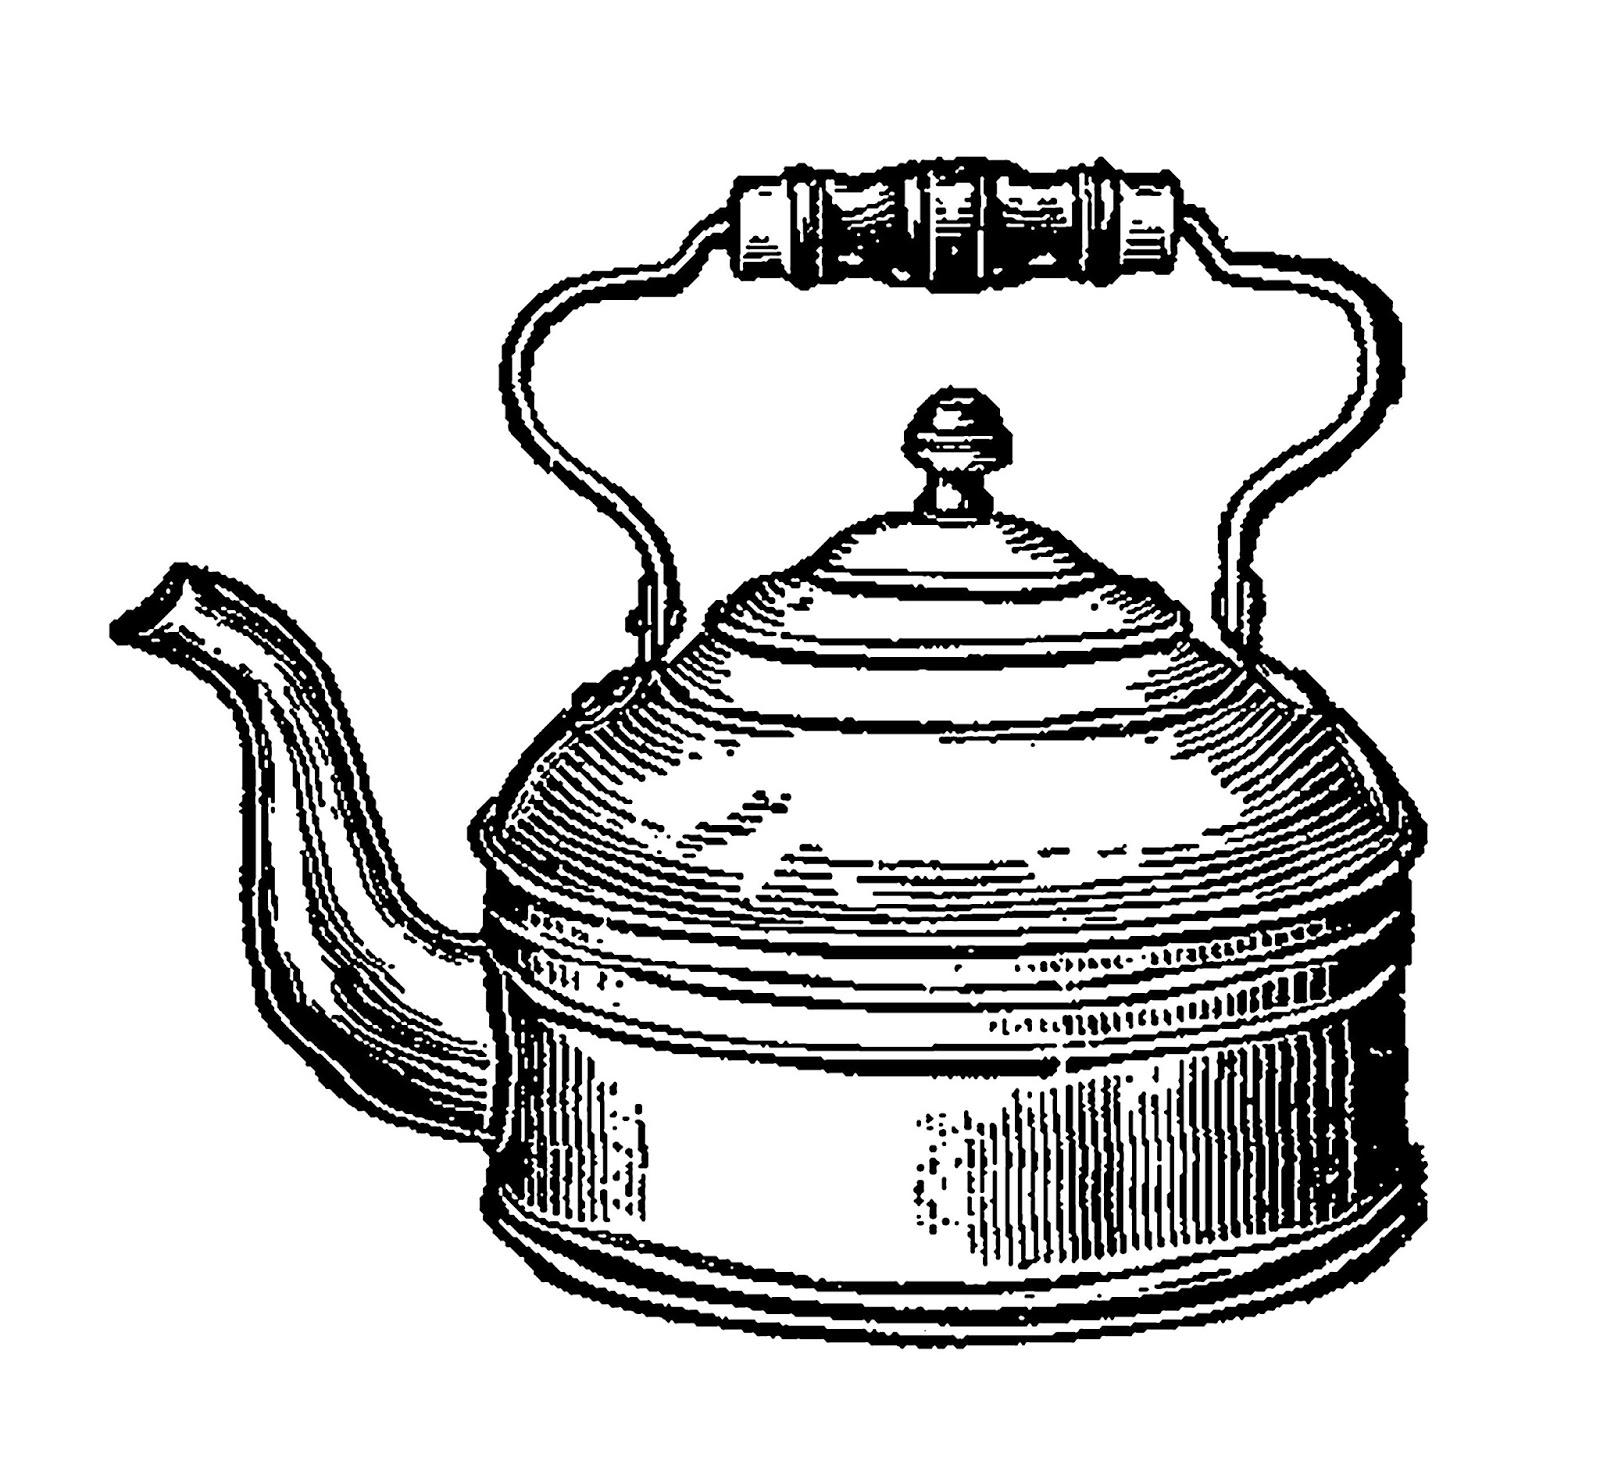 Kettle Clip Art ~ Digital stamp design tea kettle image vintage kitchen